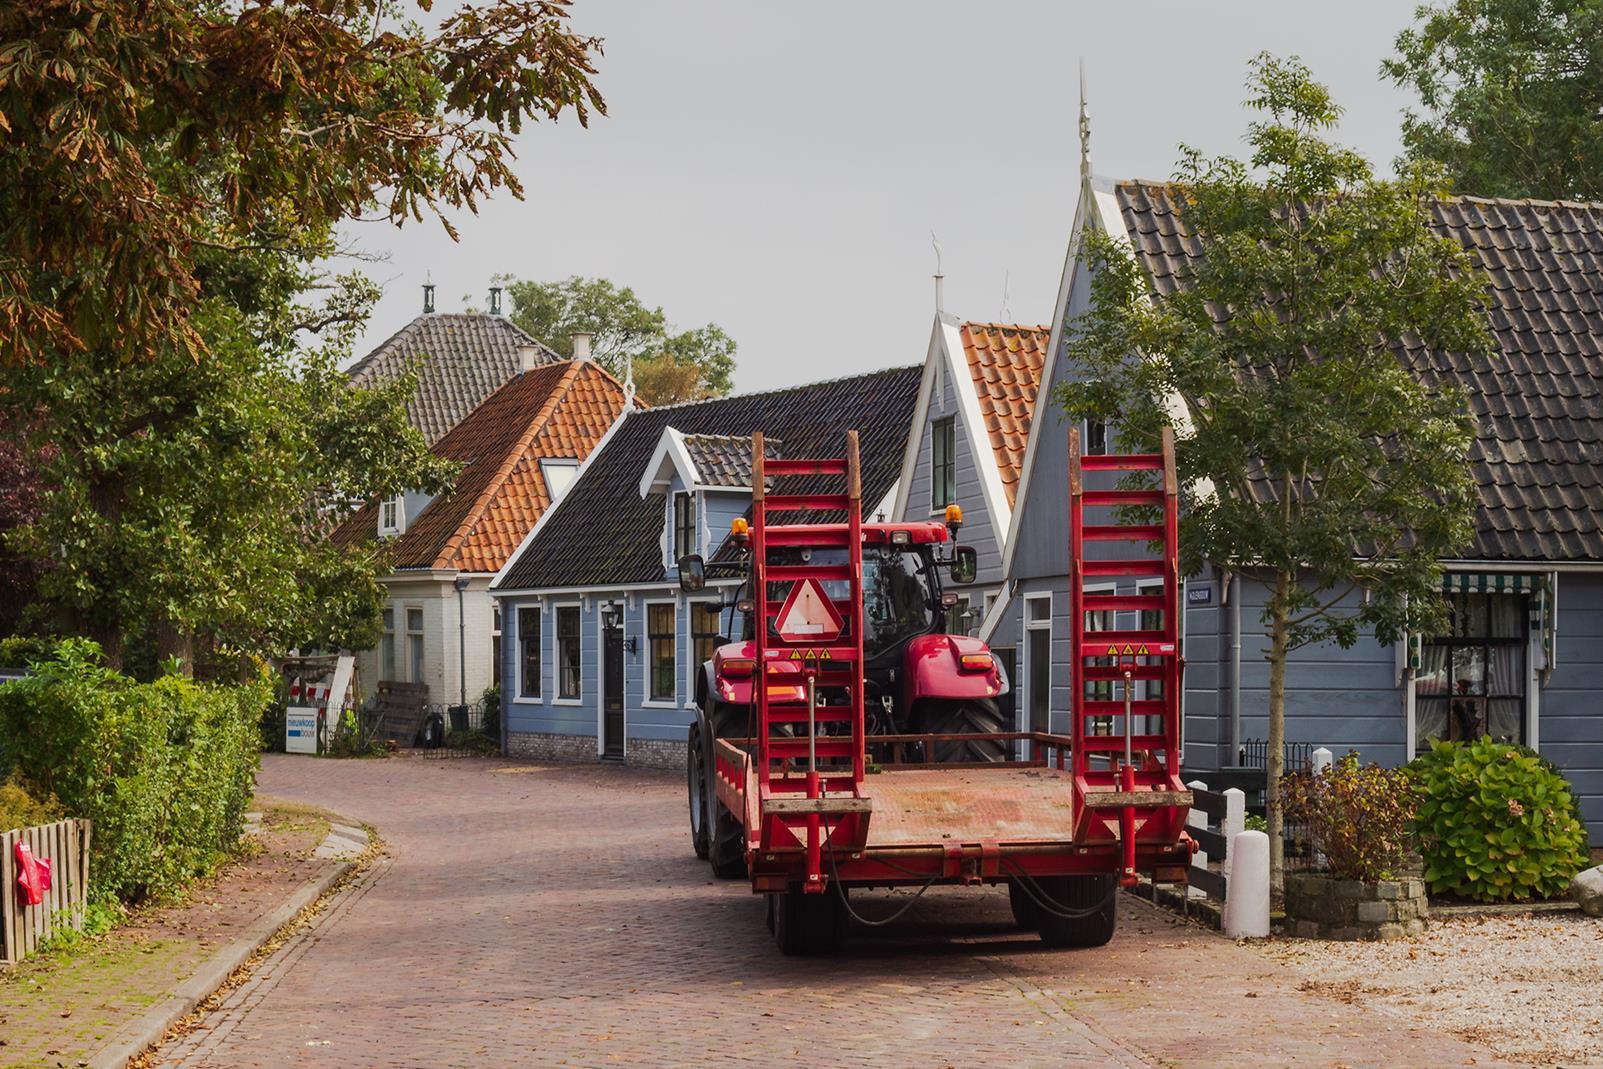 8 fantastycznych miejsc w  Holandii i jak je znaleźć